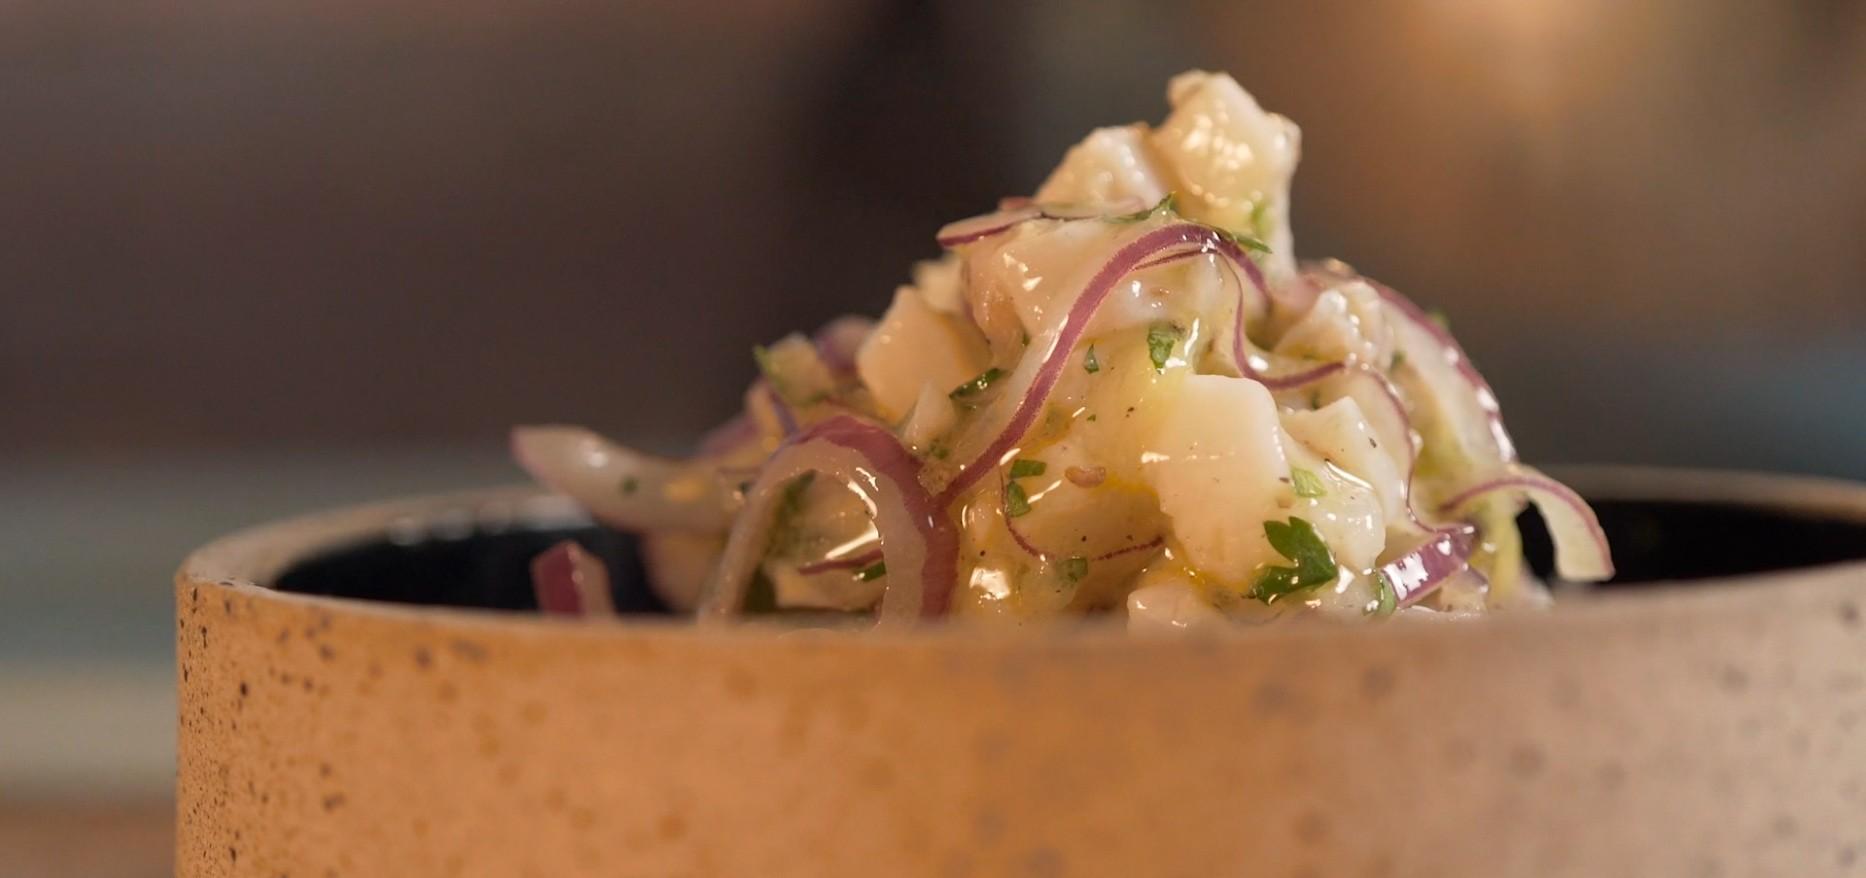 Ceviche no Gastro Music Bar Sallero